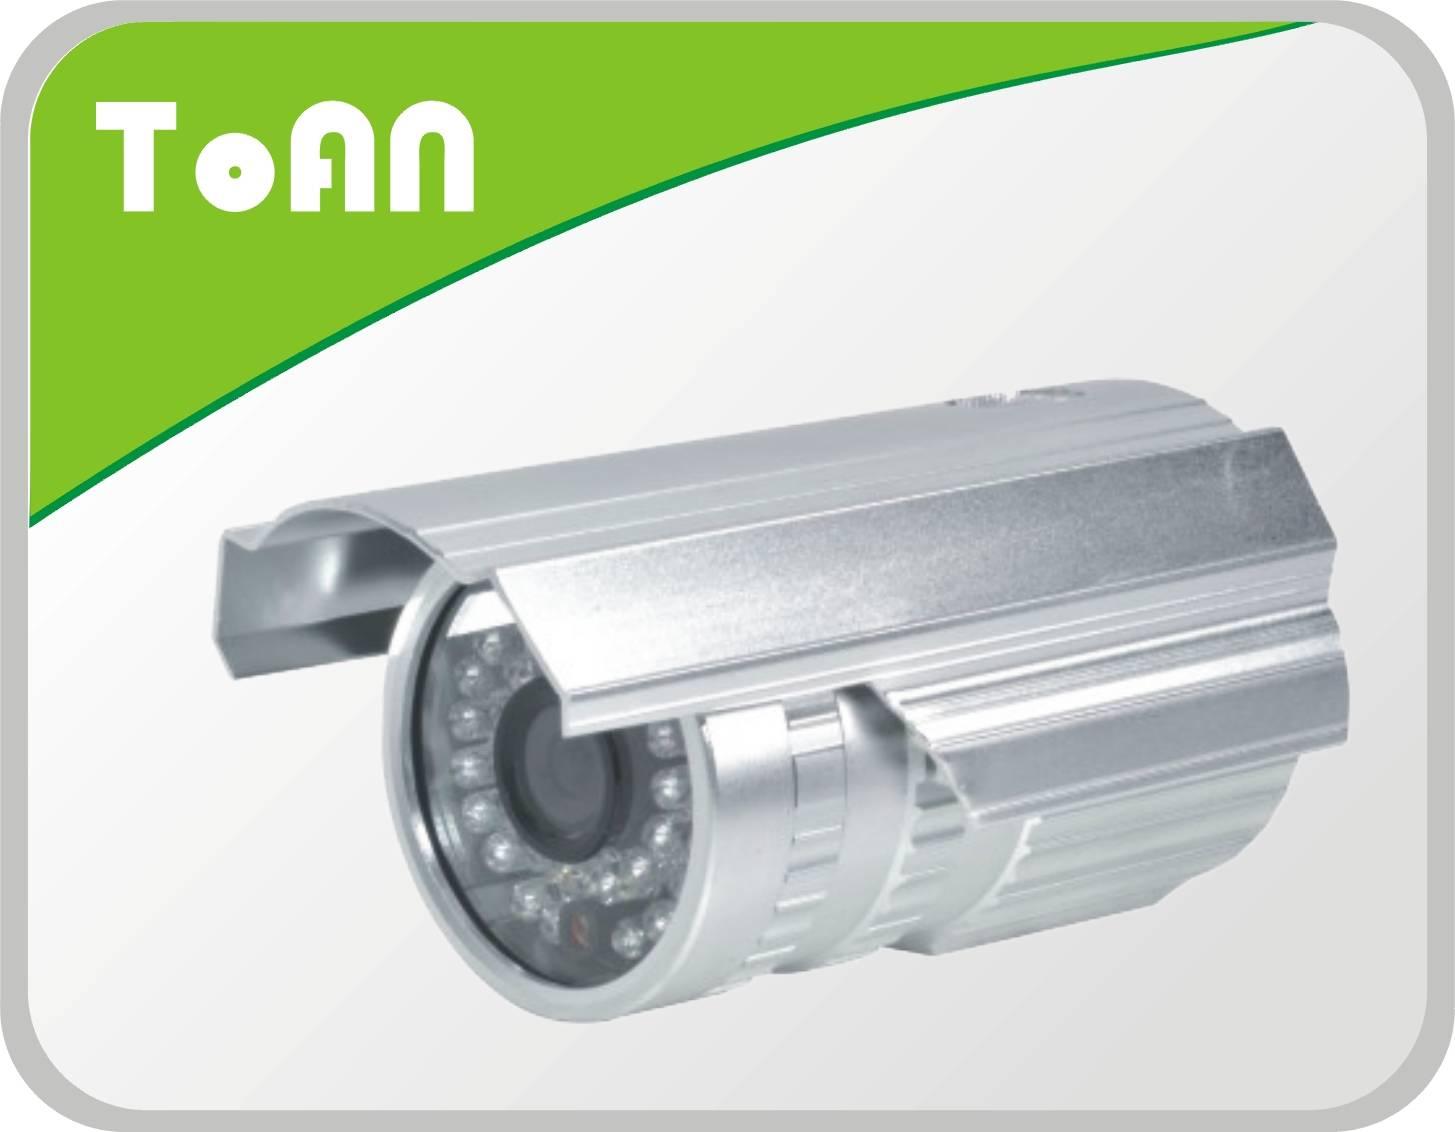 TOAN IP66 30M ir Bullet Waterproof web Camera creative web cameras  waterproof ir digital color ccd